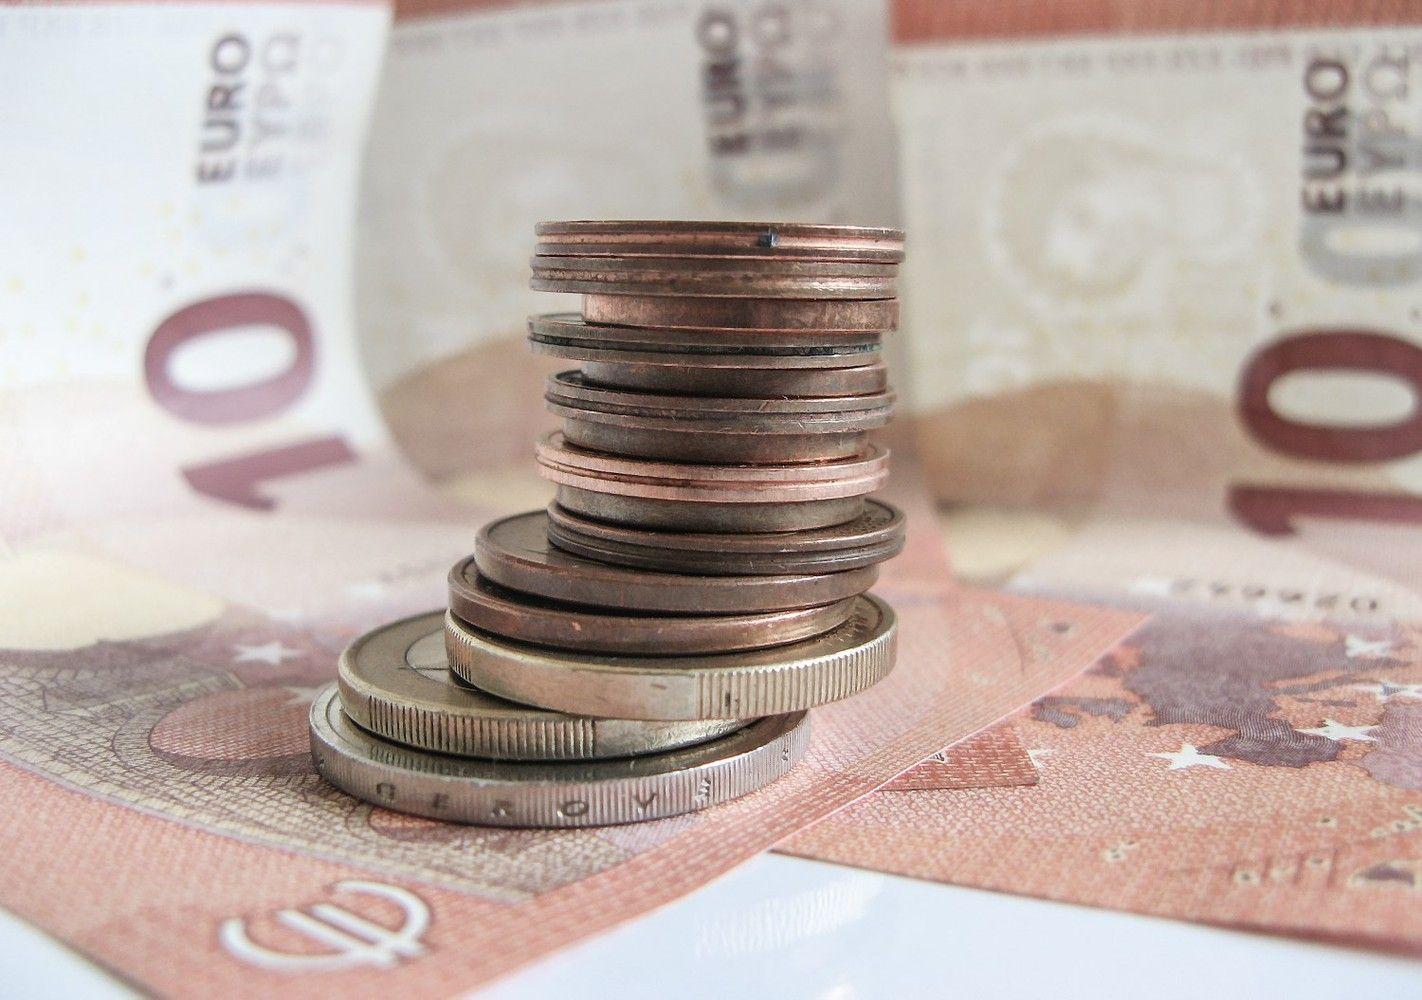 ES lėšos Lietuvos BVP paaugins 1,7%